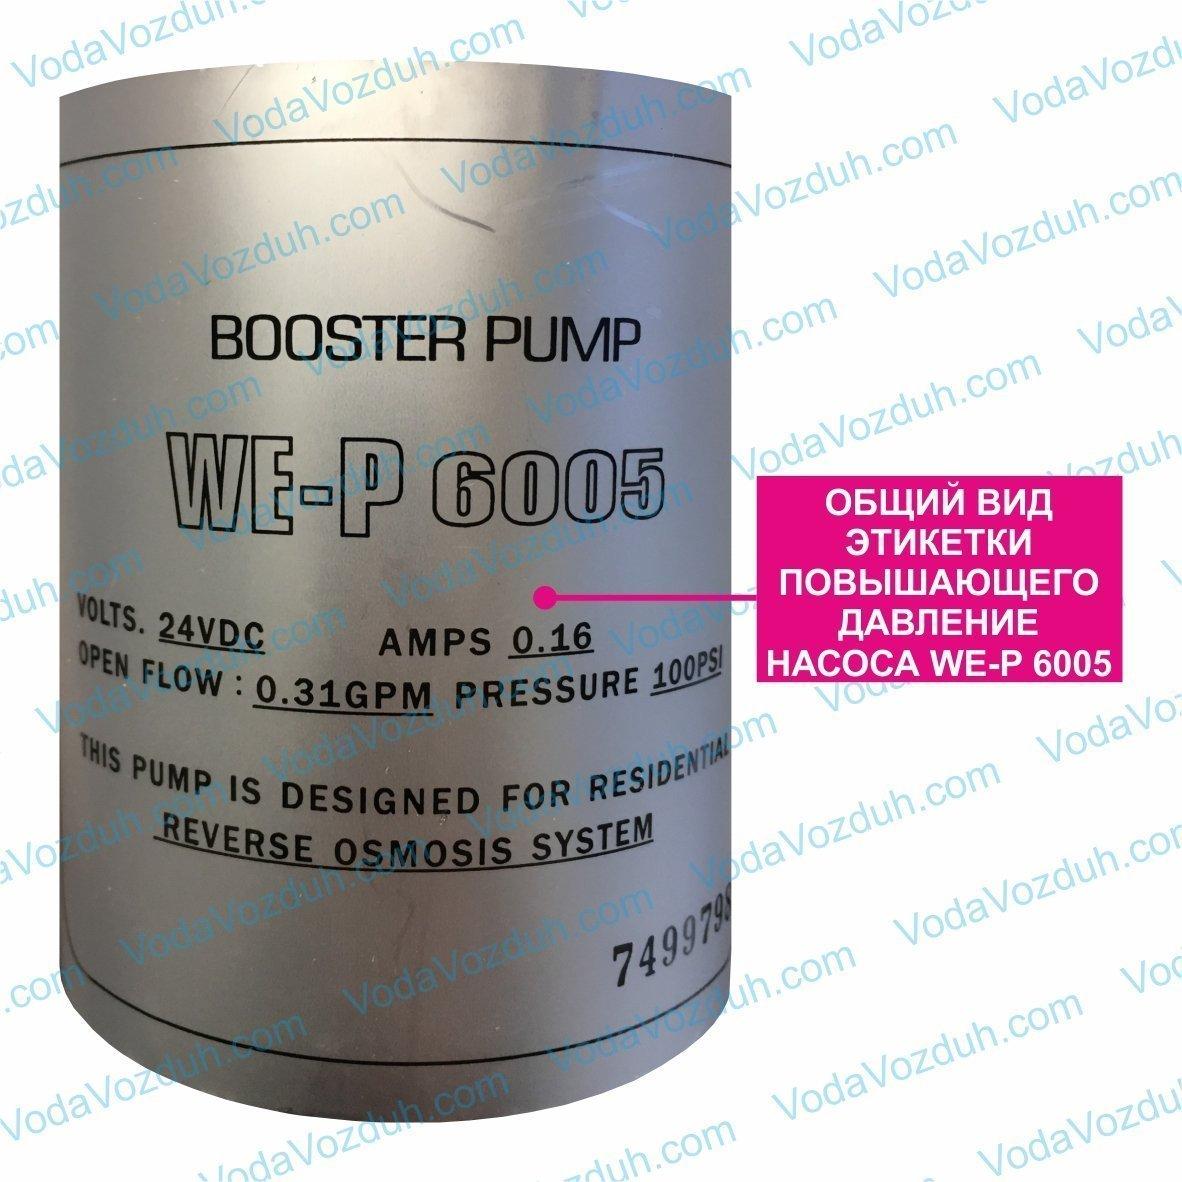 Organic WE-P 6005